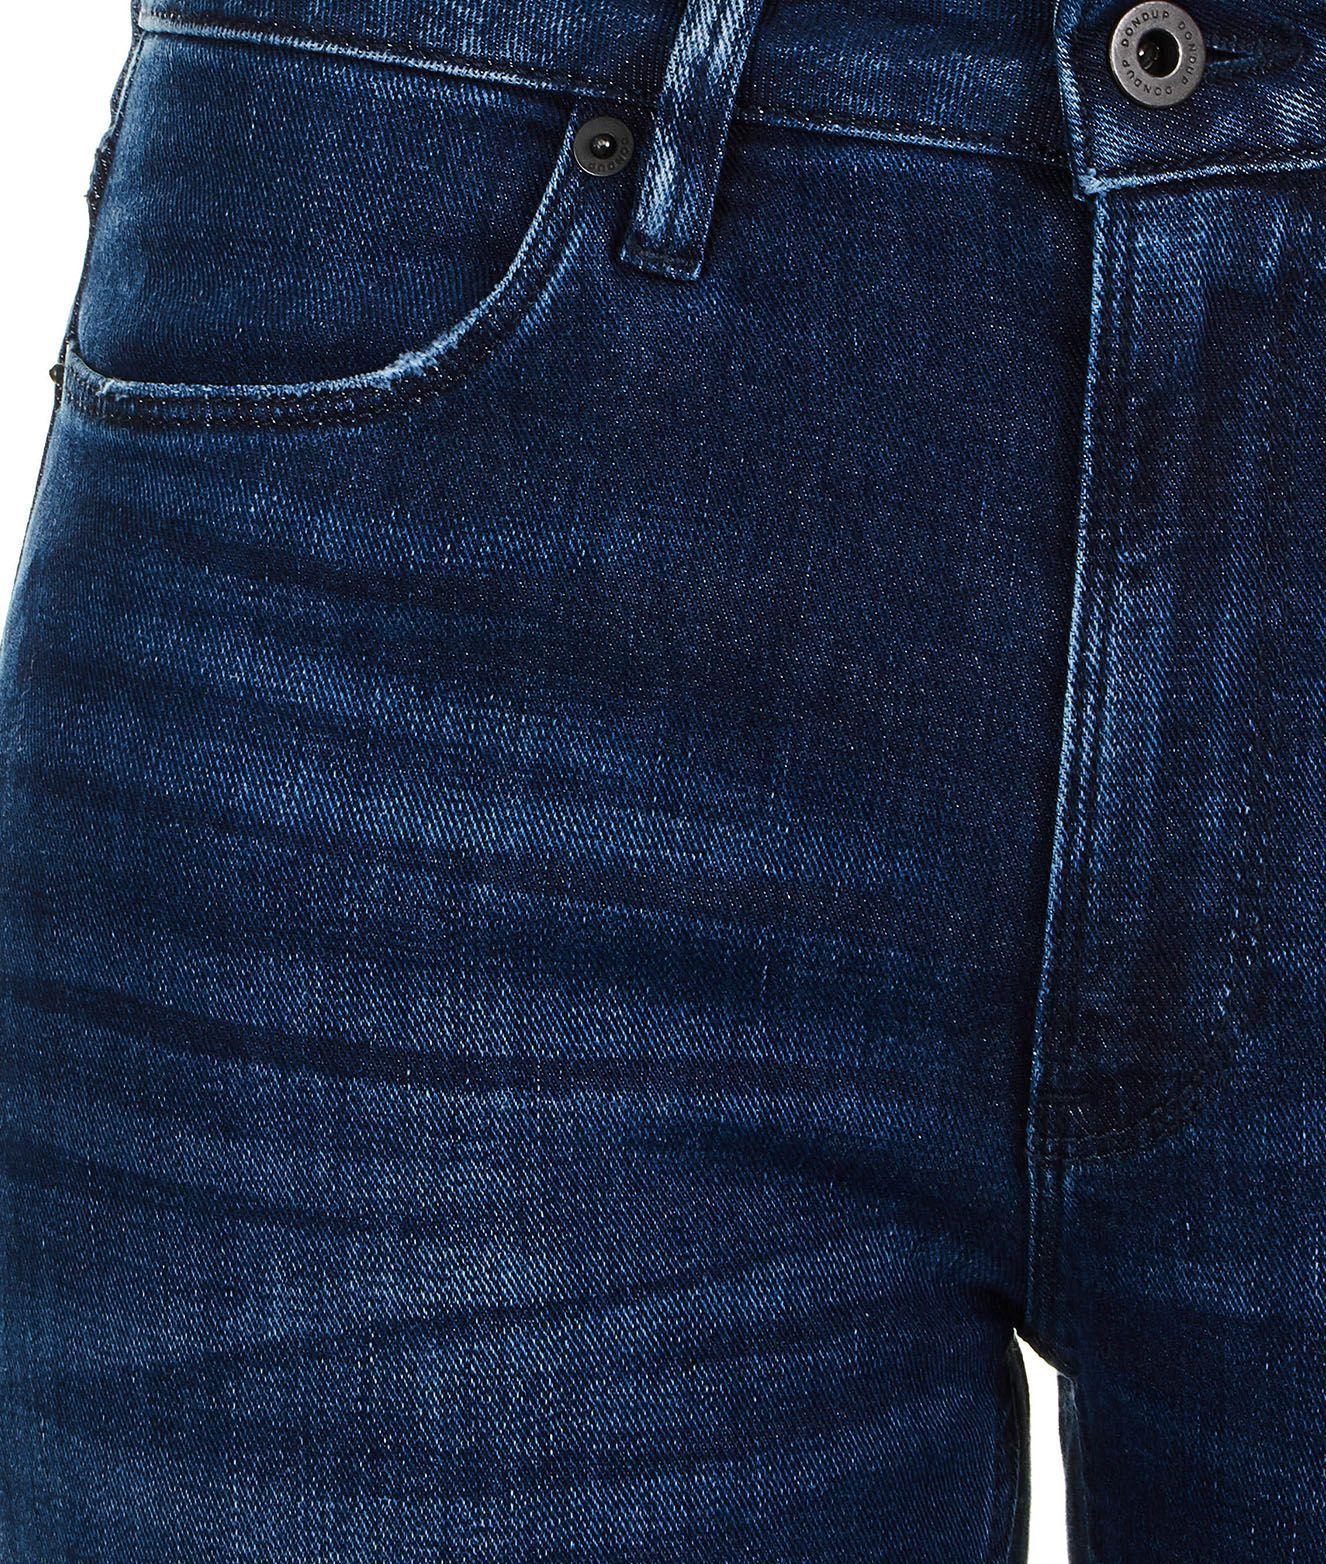 DONDUP WOMEN'S DP450DS0265W43800 BLUE COTTON JEANS